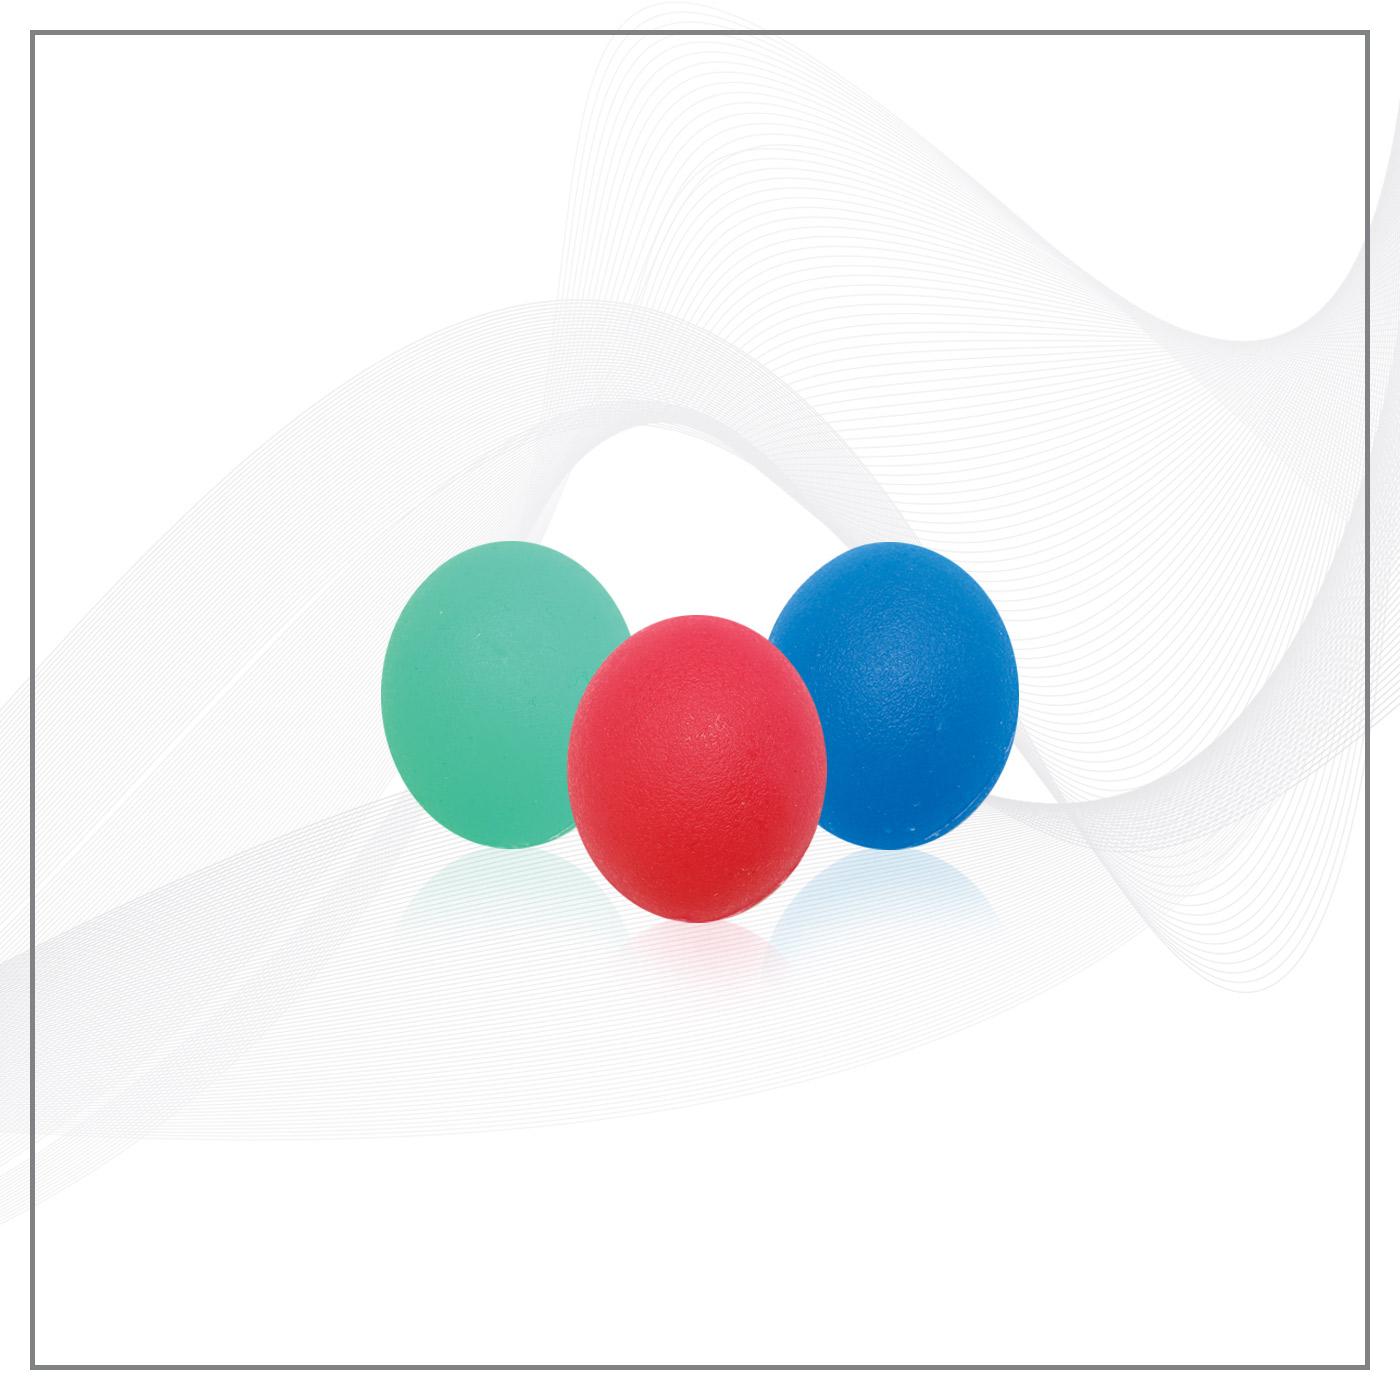 Abc Tıp Sağlık İlk Yardım Sarf Malzemeler SS301